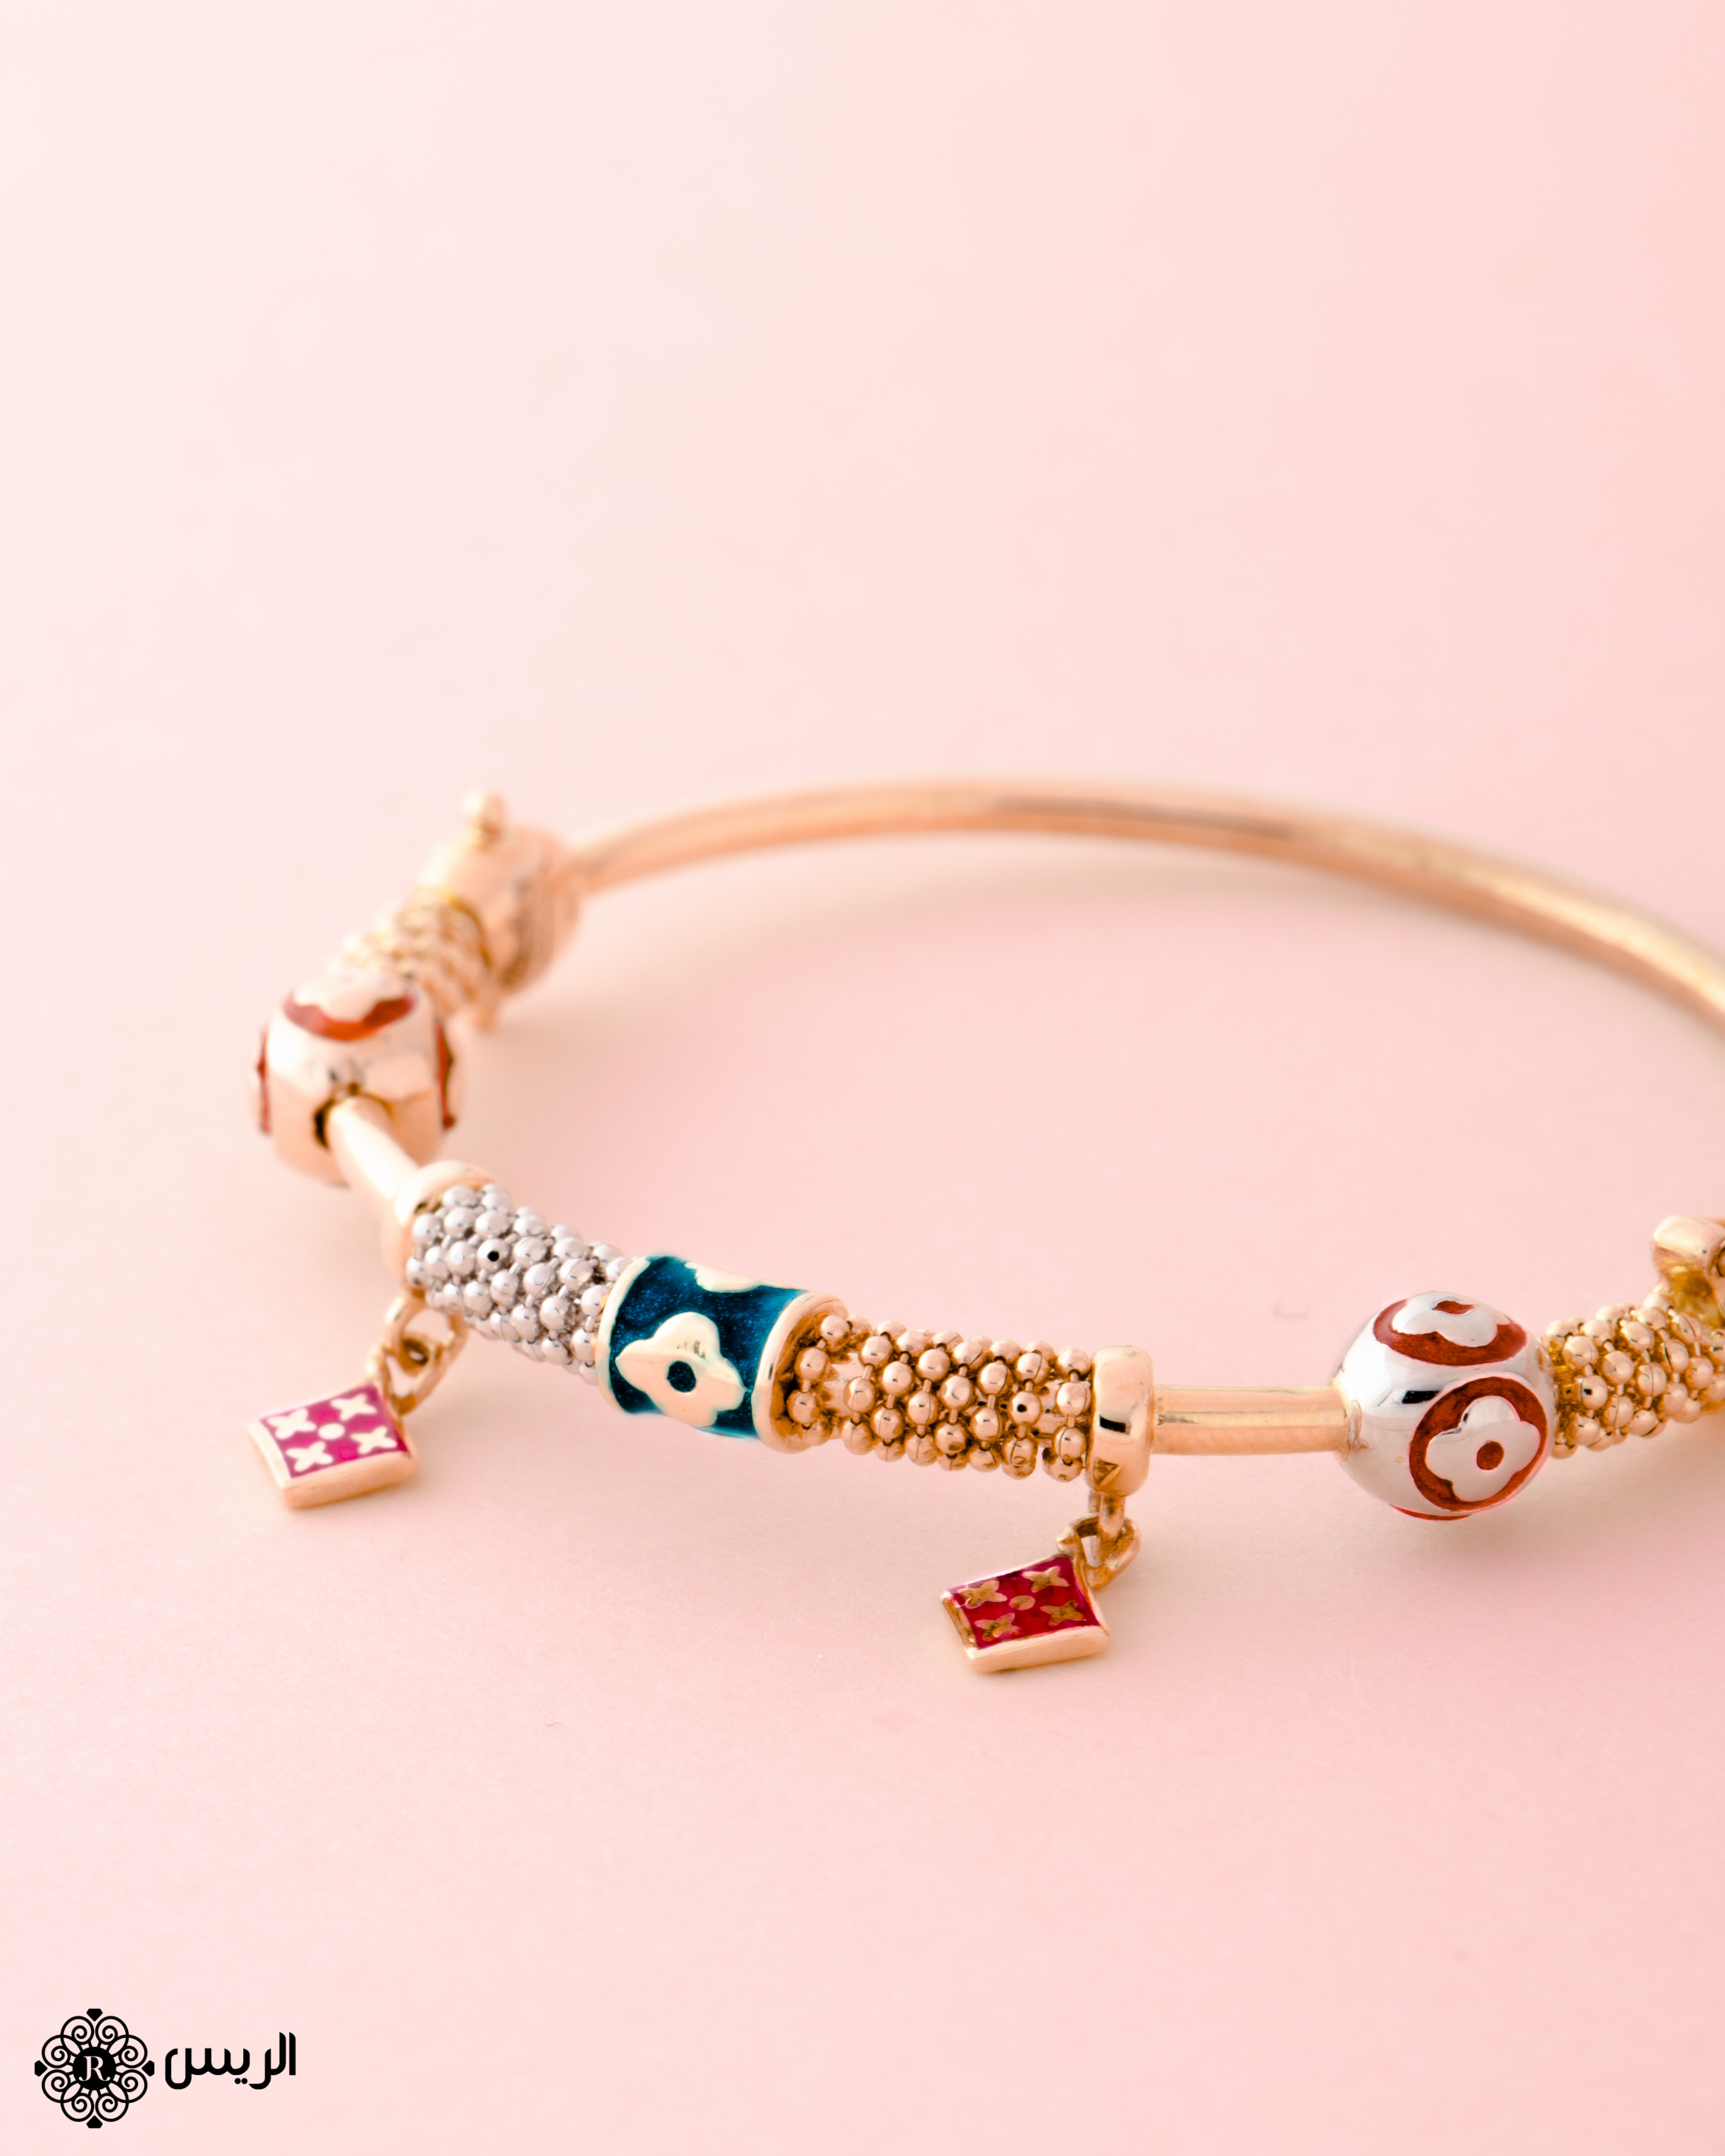 Raies jewelry Kids Bangle Jessica إسورة أطفال جيسيكا الريس للمجوهرات